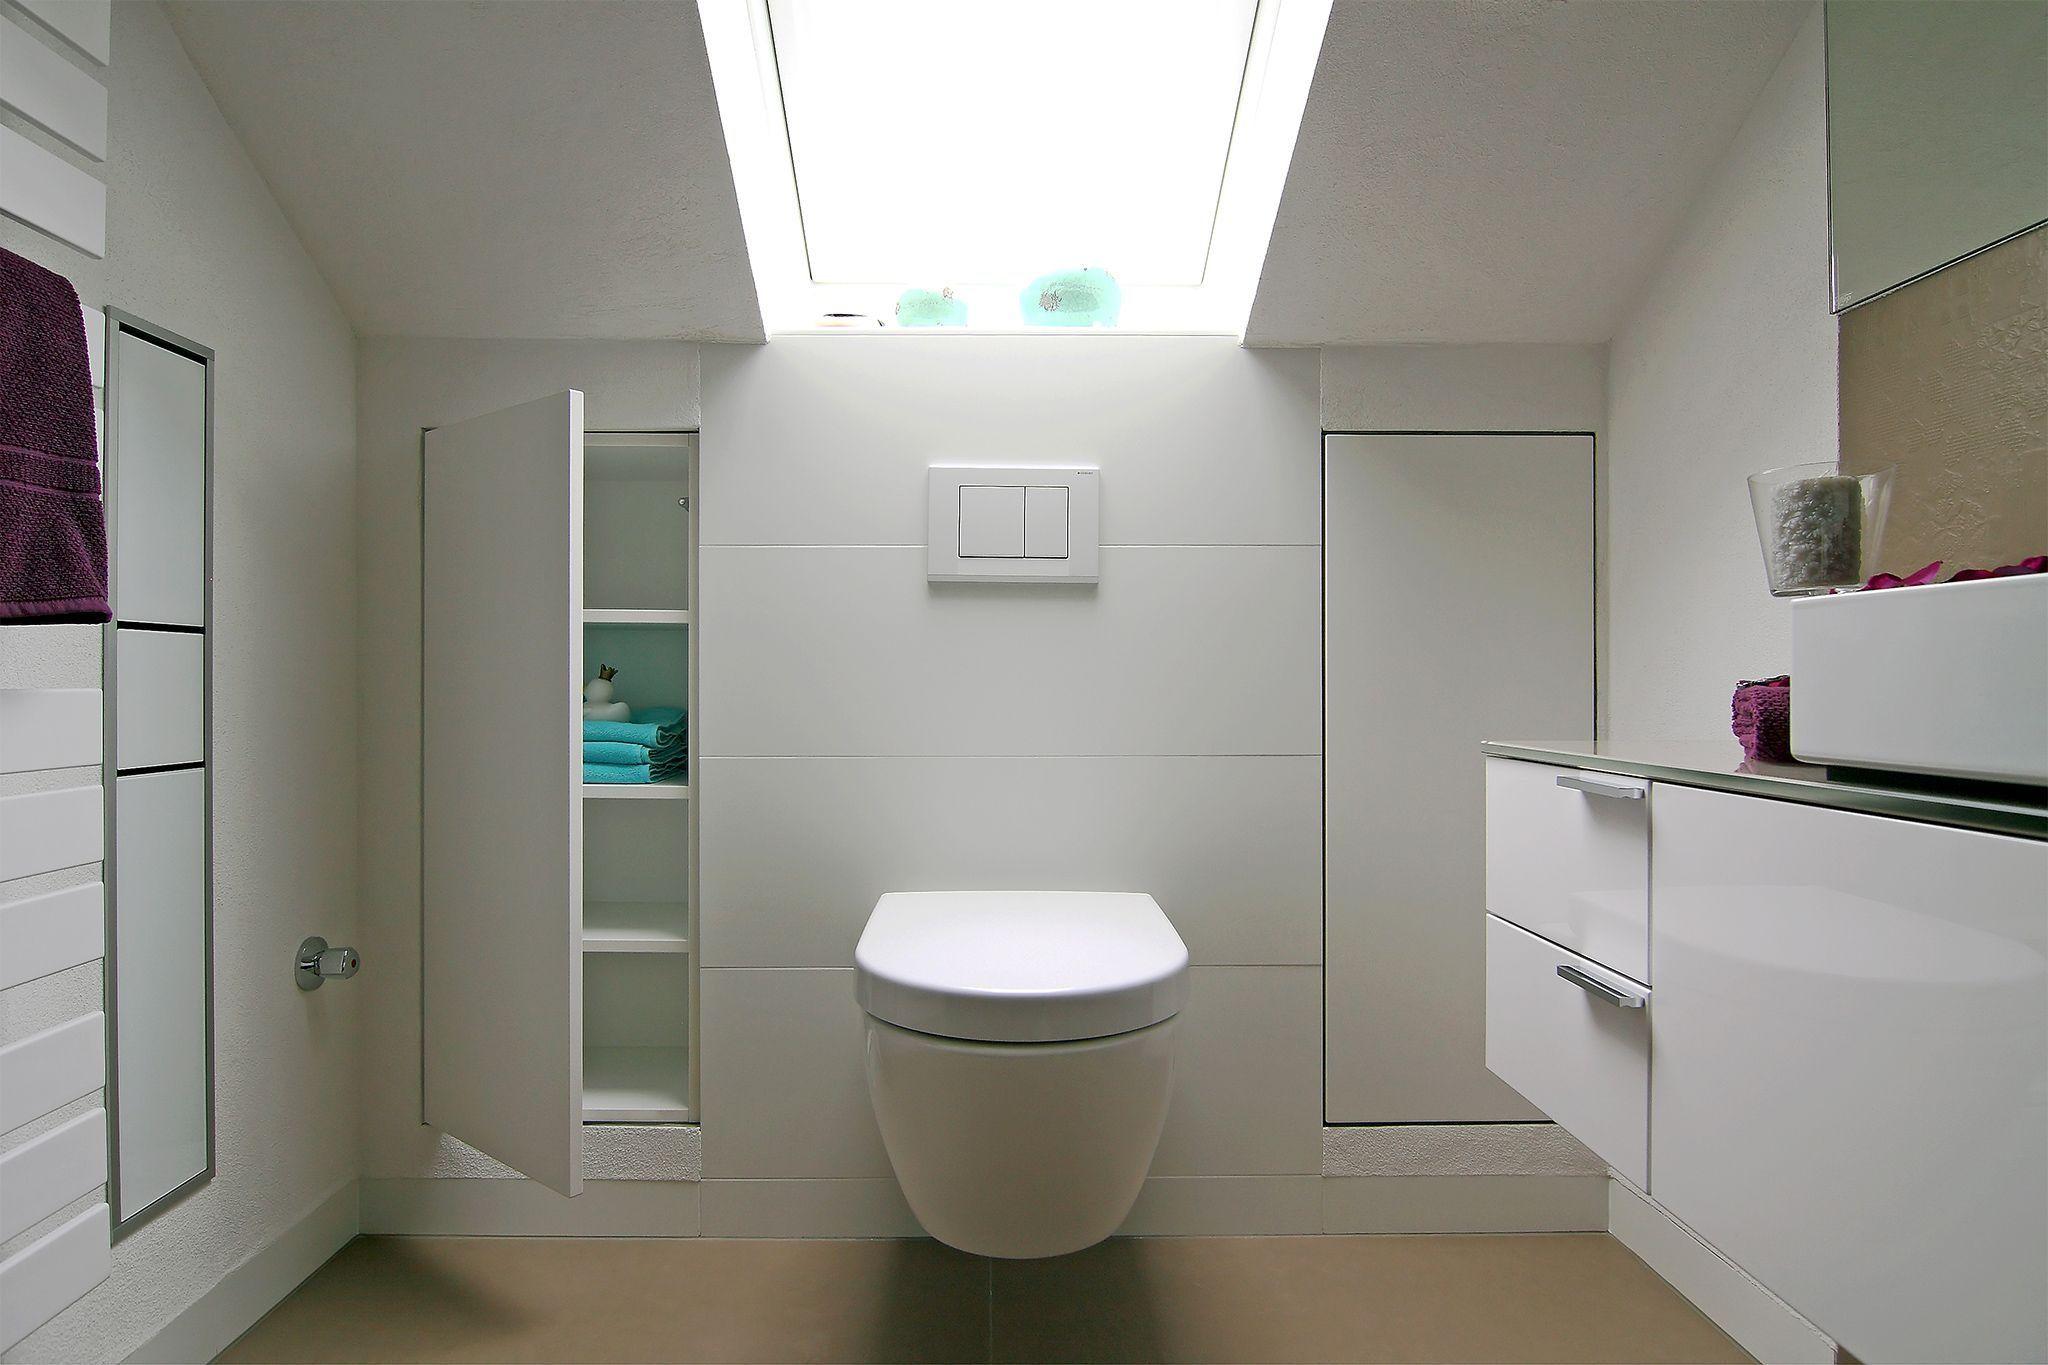 8 Wie Spiegelschrank Dachschrage Ausnutzt Bad In Munchen Zuhause Eintagamsee Badezimmer Dachschrage Badezimmer Schrank Badezimmer